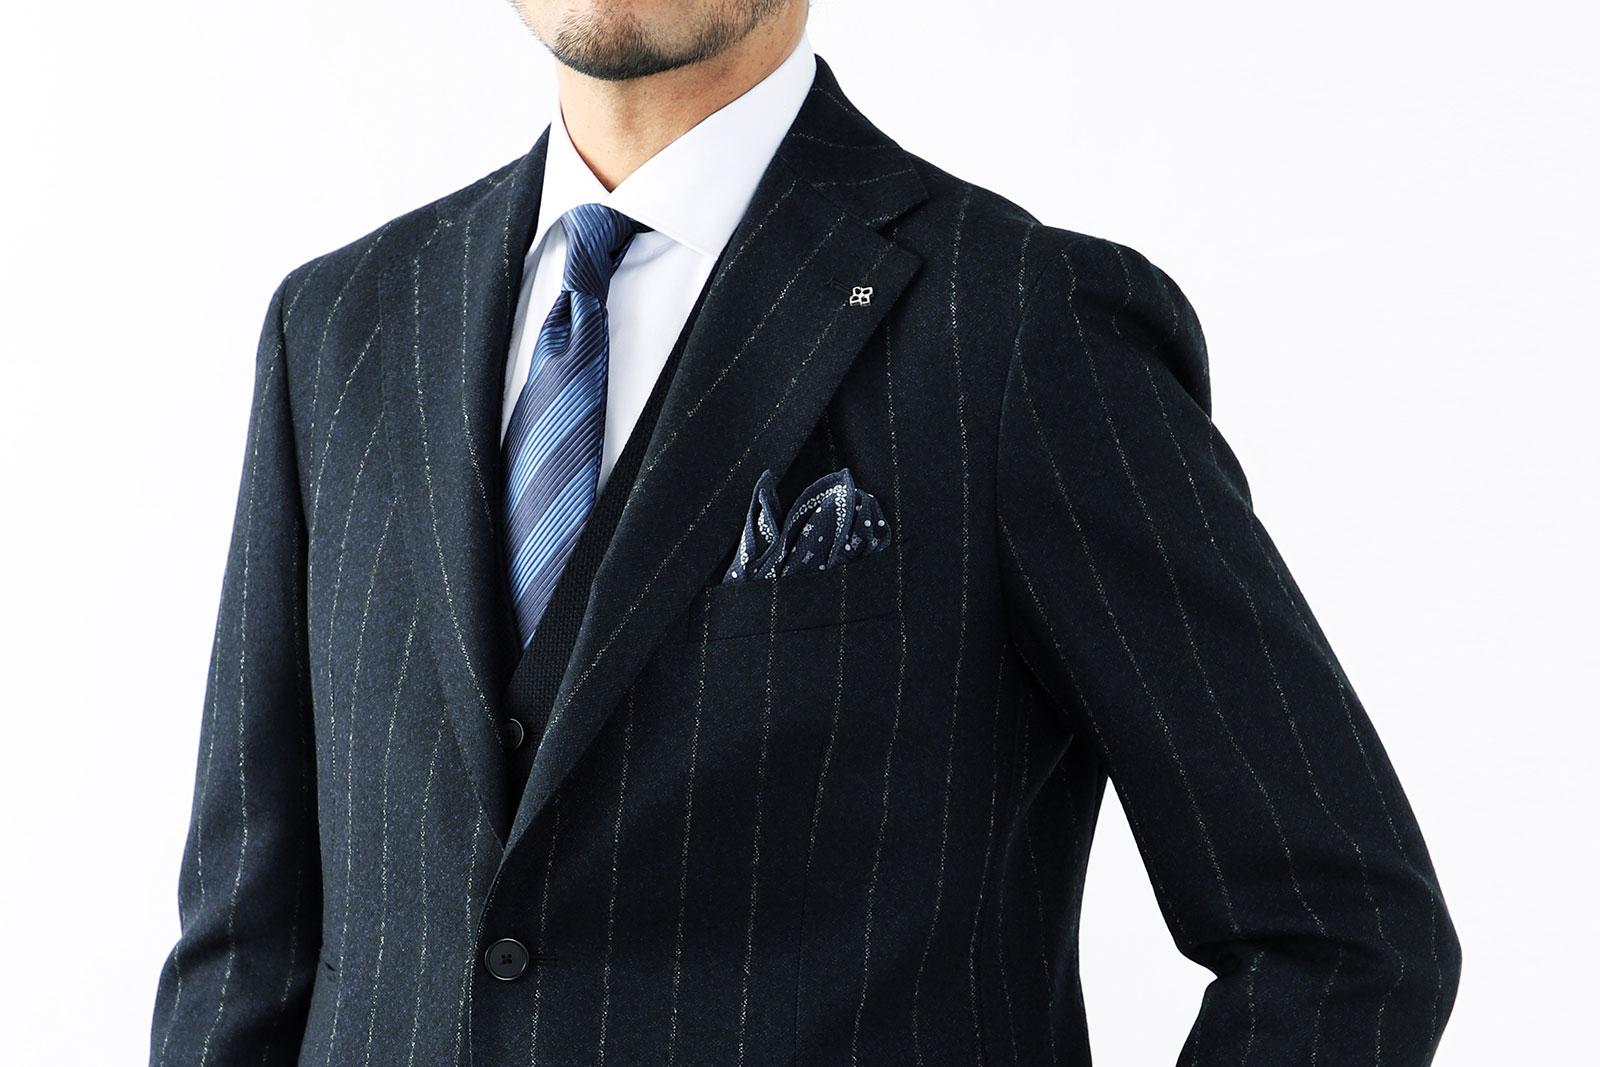 ポケットチーフのカラーは、ネクタイのカラーに合わせてコーディネートしよう